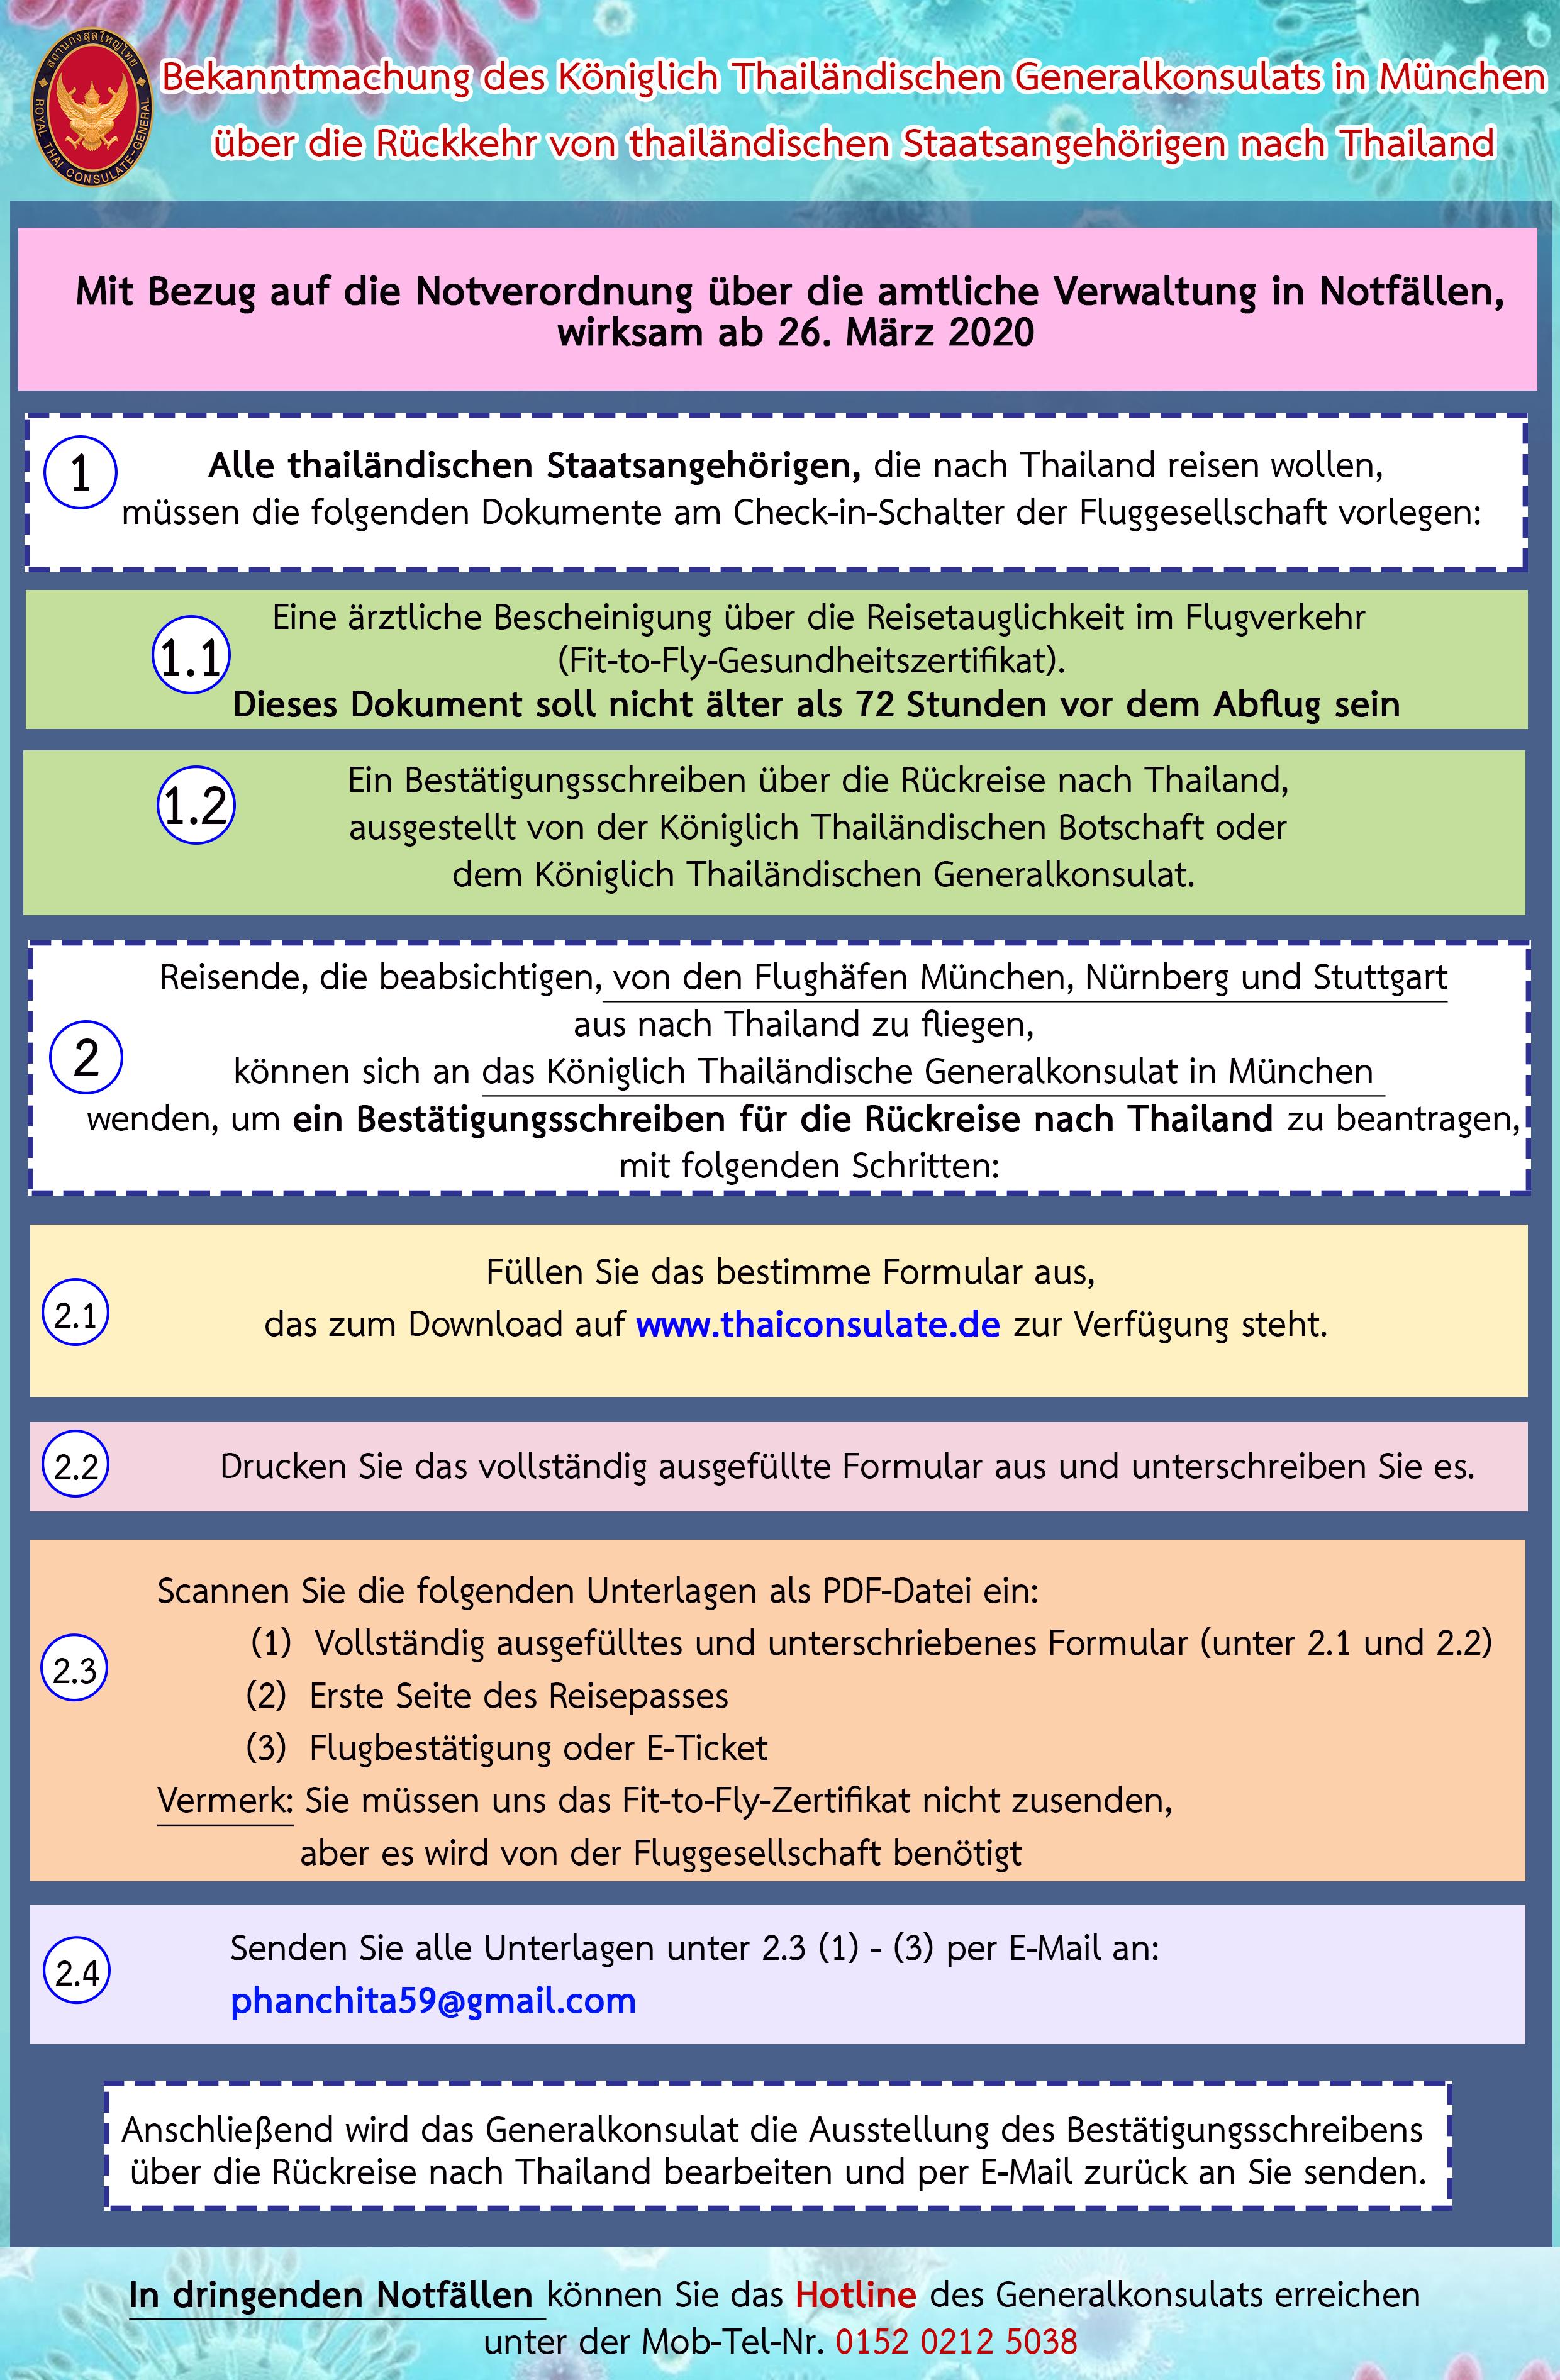 Bekanntmachung des Königlich Thailändischen Generalkonsulats in München  über die Rückkehr von thailändischen Staatsangehörigen nach Thailand –  Königlich Thailändisches Generalkonsulat München